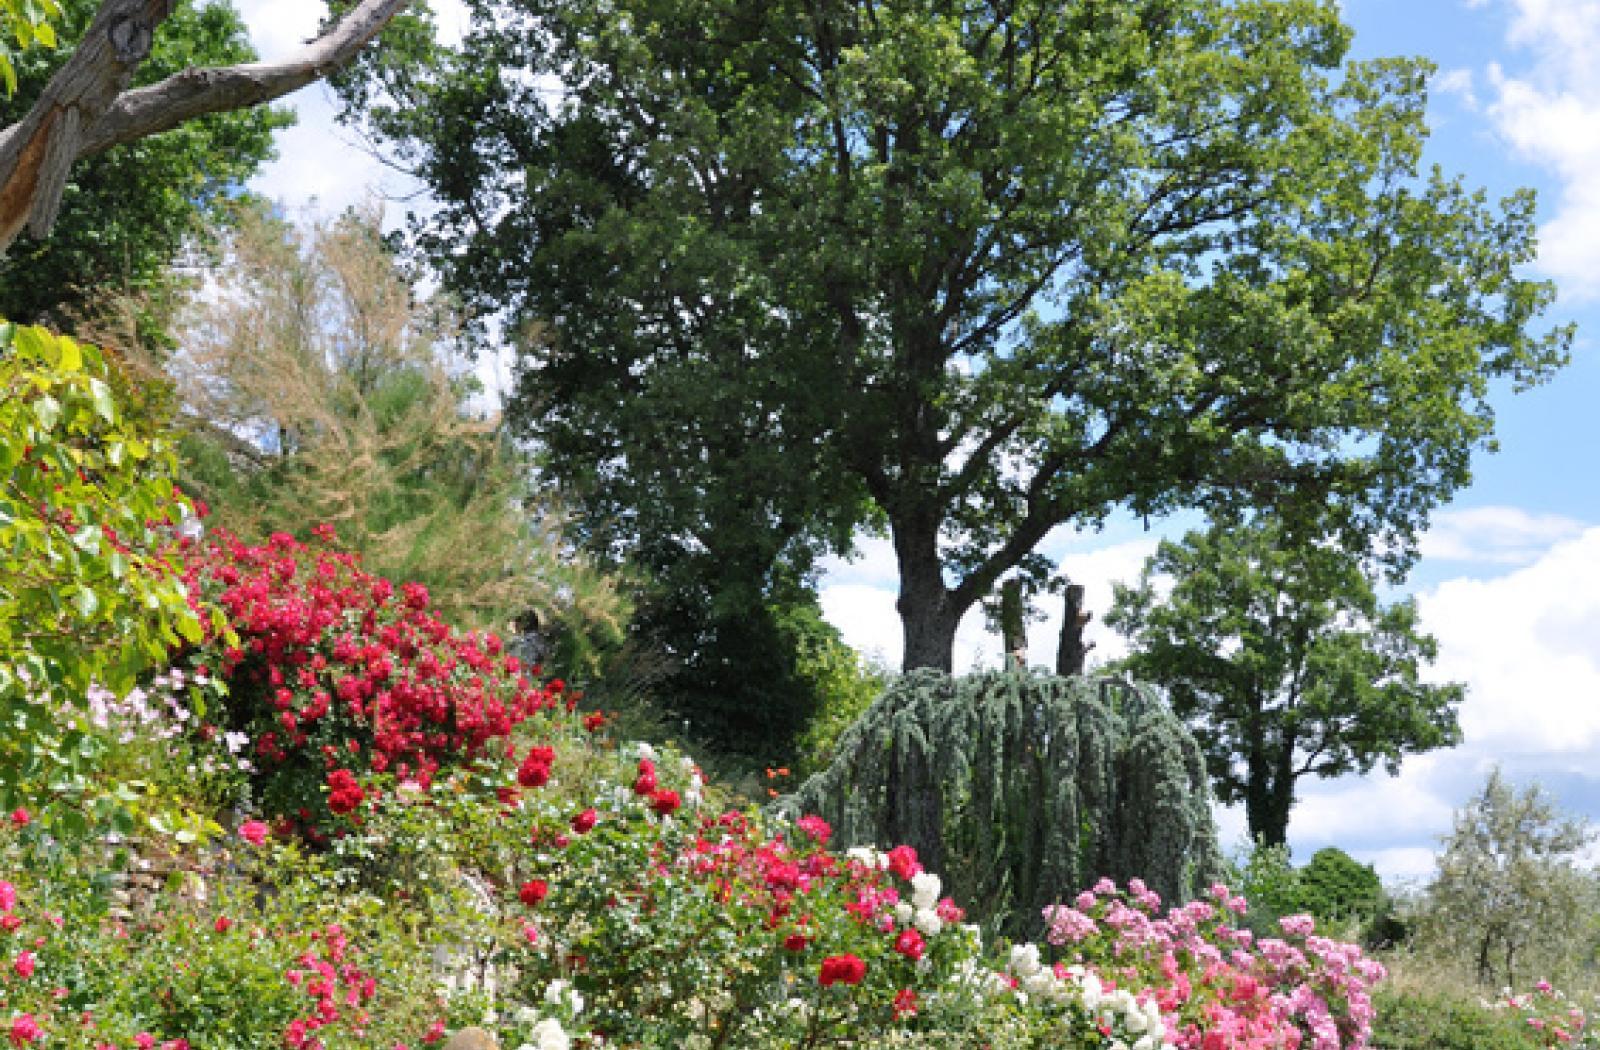 Découvrez les végétaux, arbres et végétaux de notre pépinière !